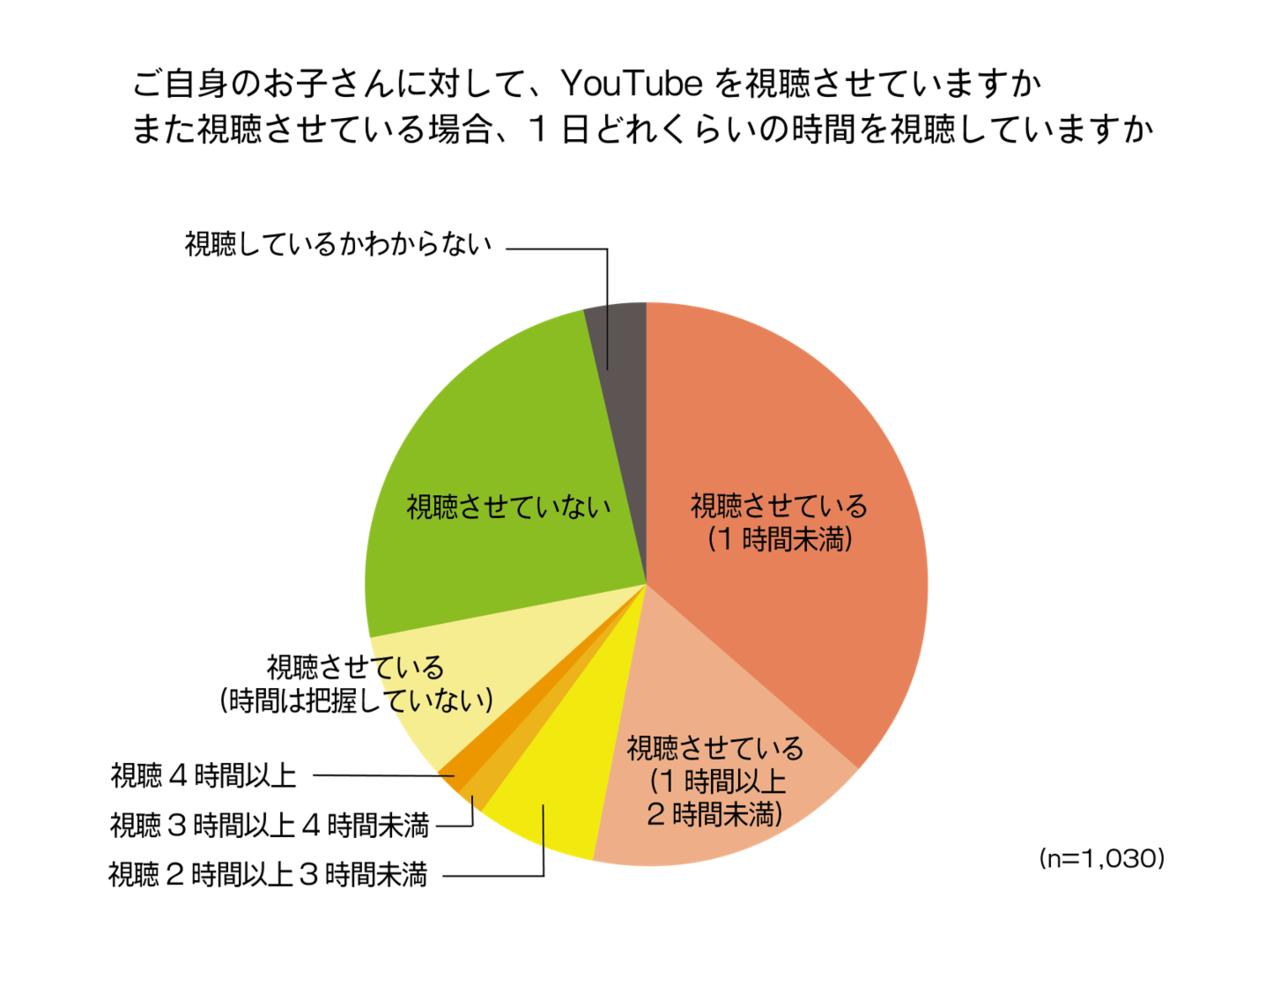 家庭のYouTube視聴に関する意識調査